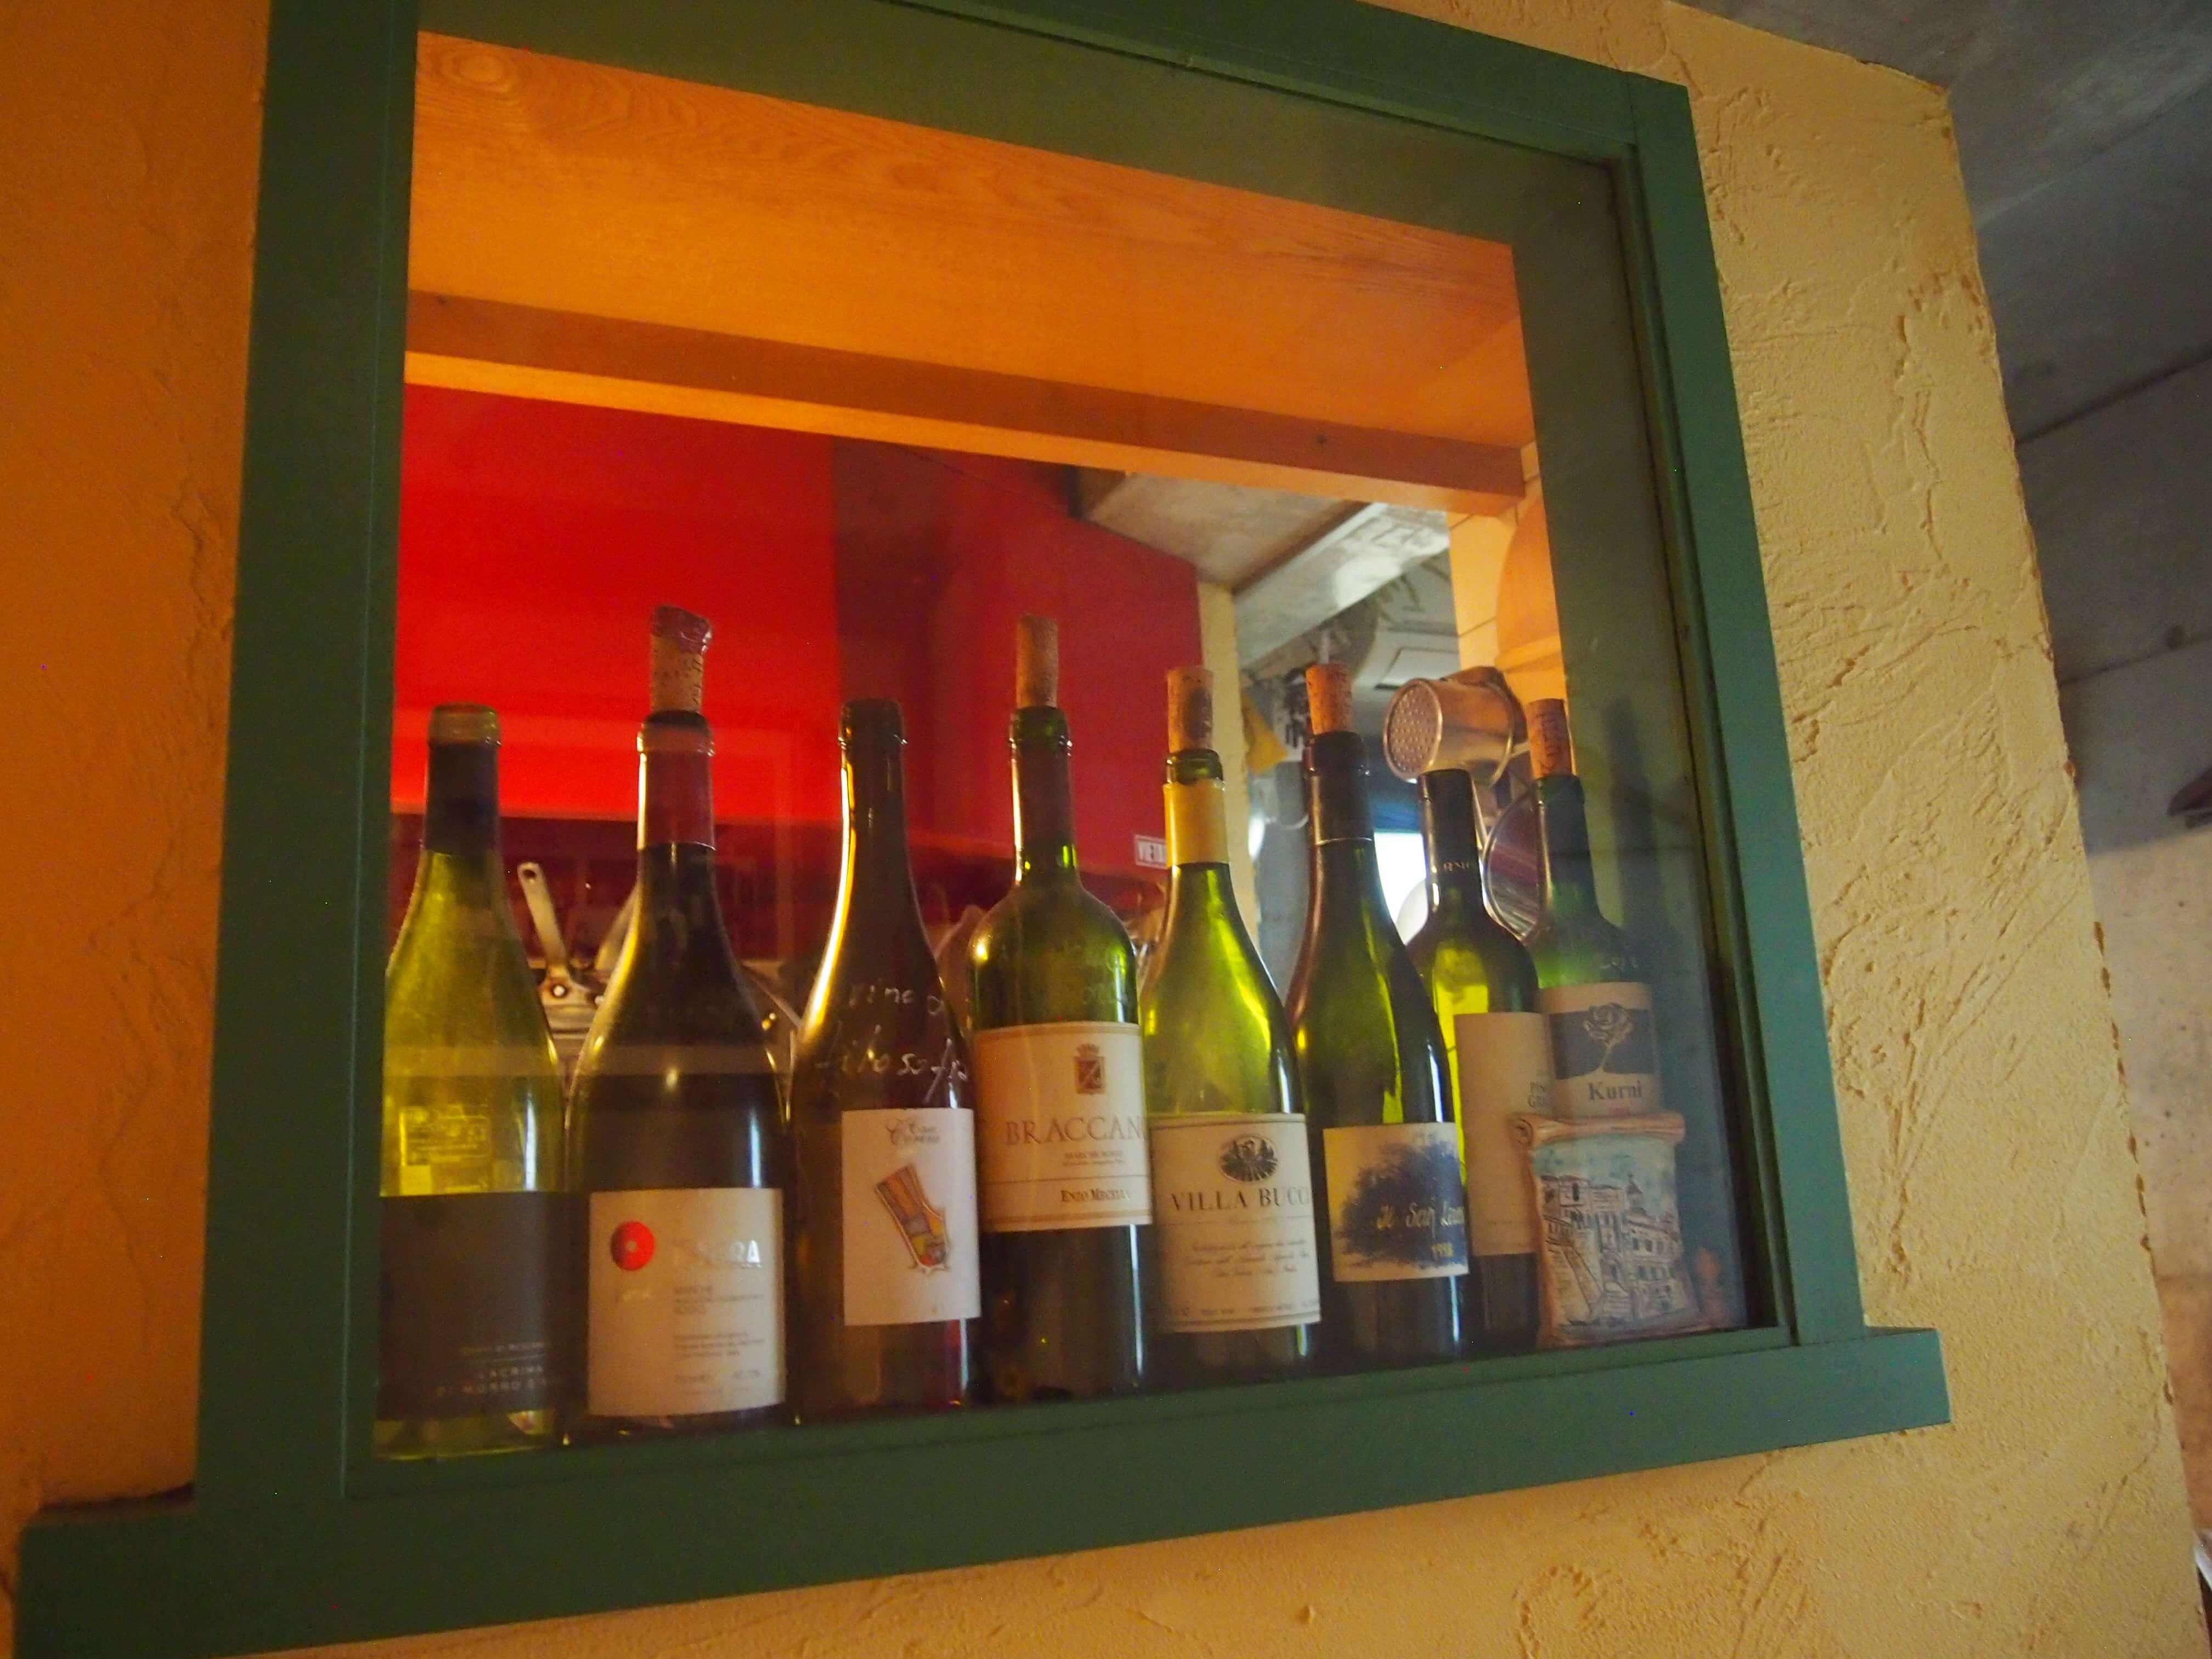 ワインや地ビールも、マルケのものを主体にストック。マルケ専門料理店としてオープンして、7年。常連のお客さまも多いお店です。